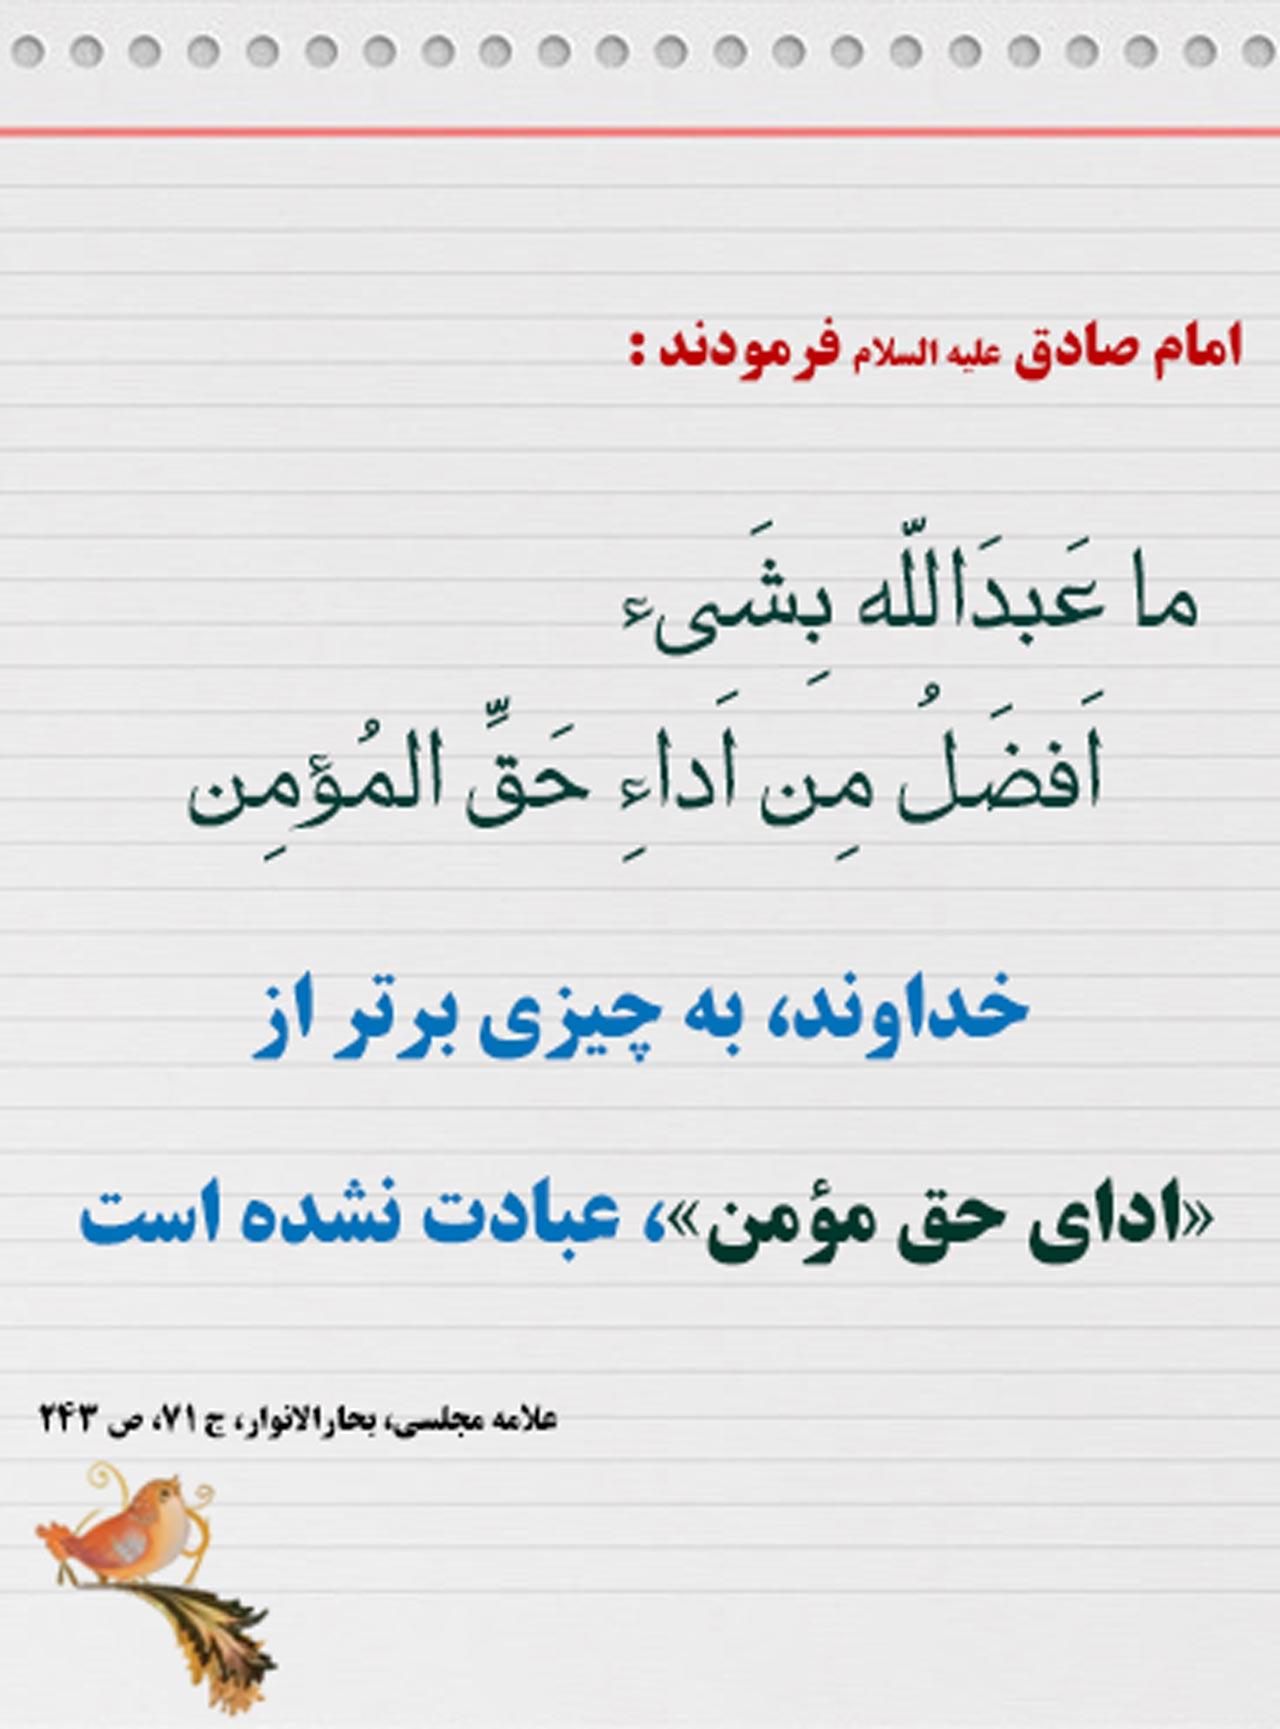 و بر مسلمانان سزاوار است که در پیوستن به یکدیگر و همکاری در رسیدگی به همدیگر و یاری نیازمندان بکوشند تا چنان گردید که خداوند عزّتمند فرمانتان داده است. (میان خودشان مهربانان اند